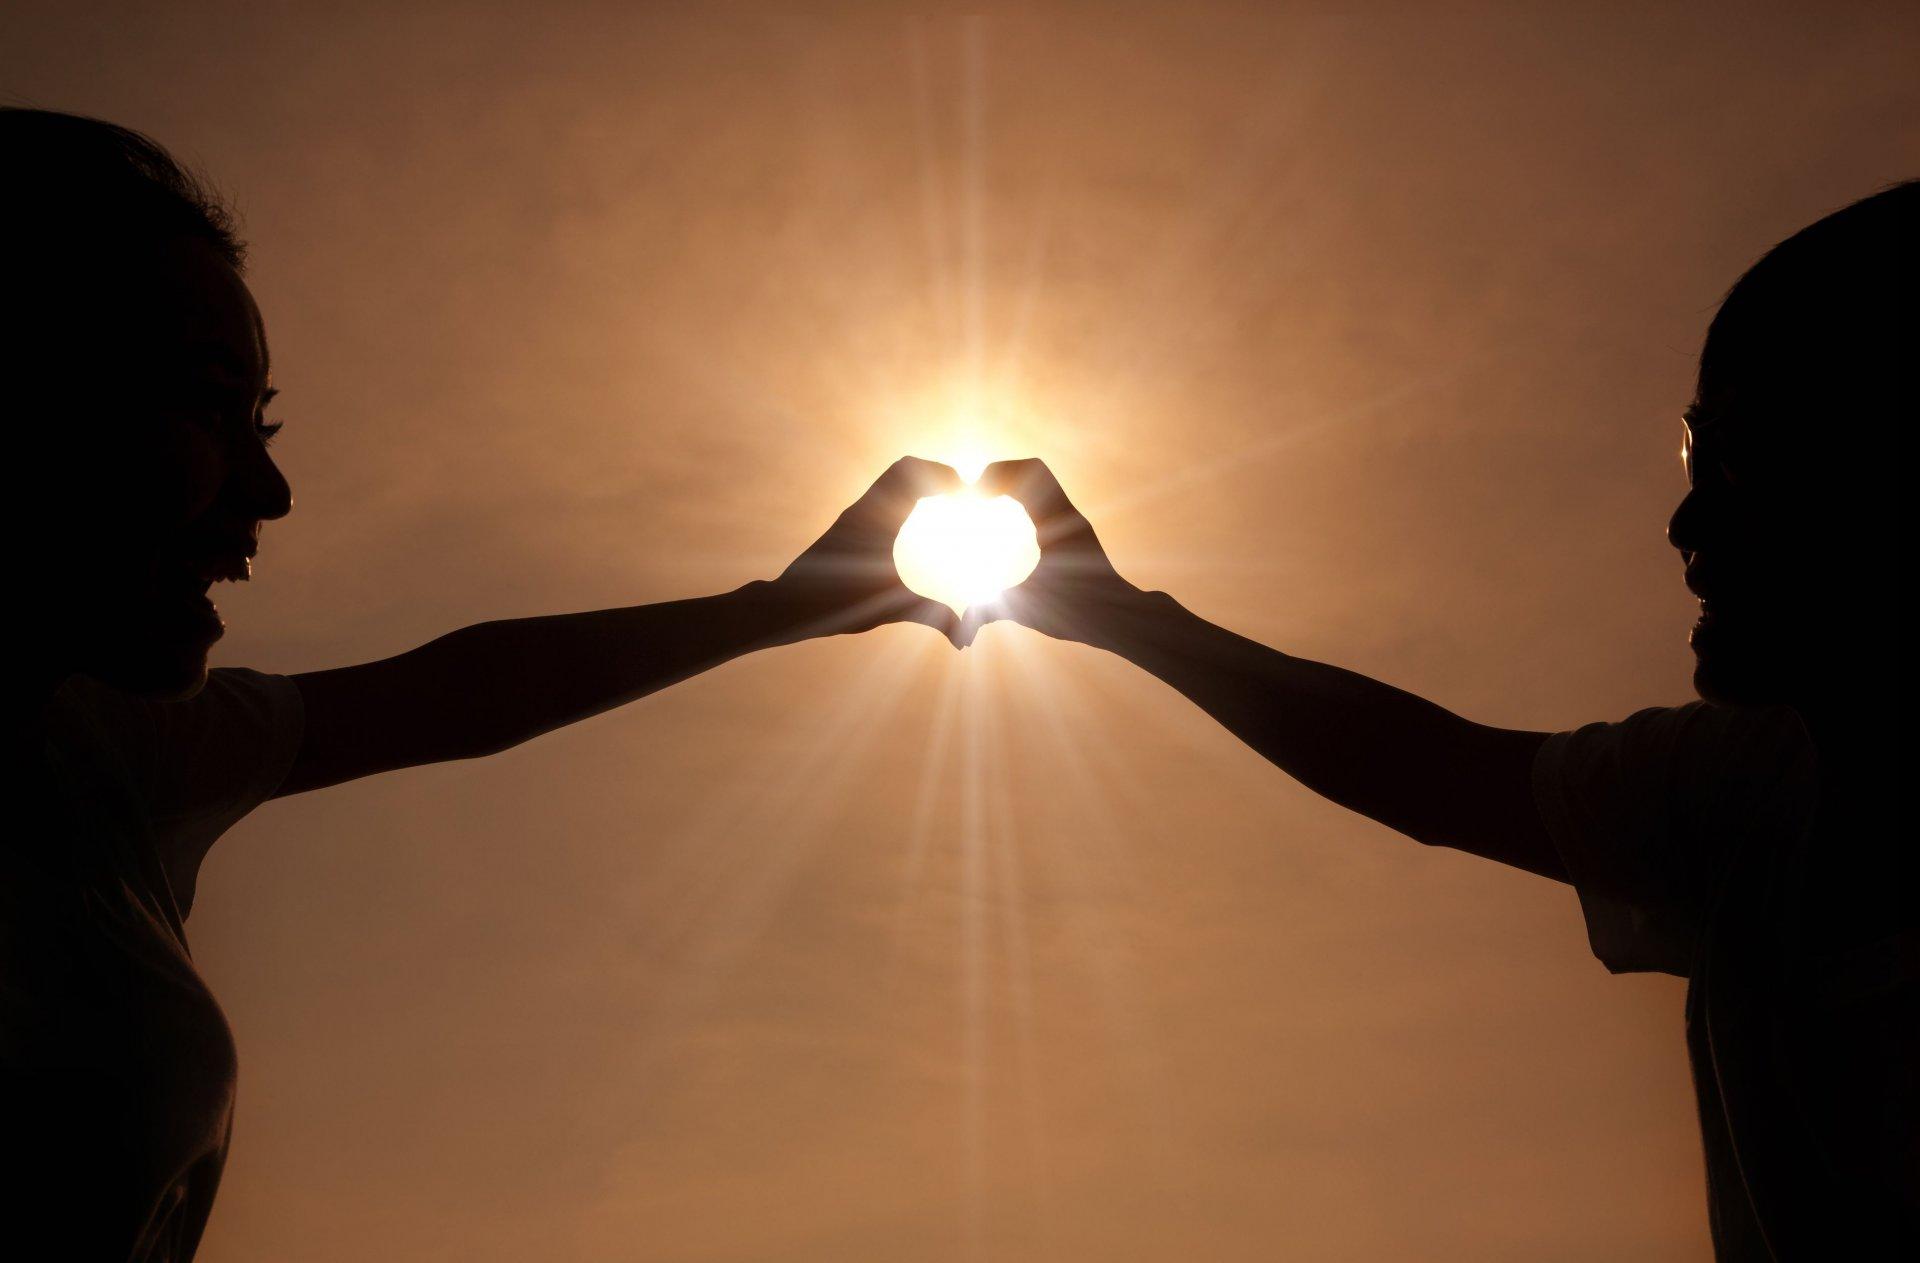 Открытки военной, картинки солнце в руках человека